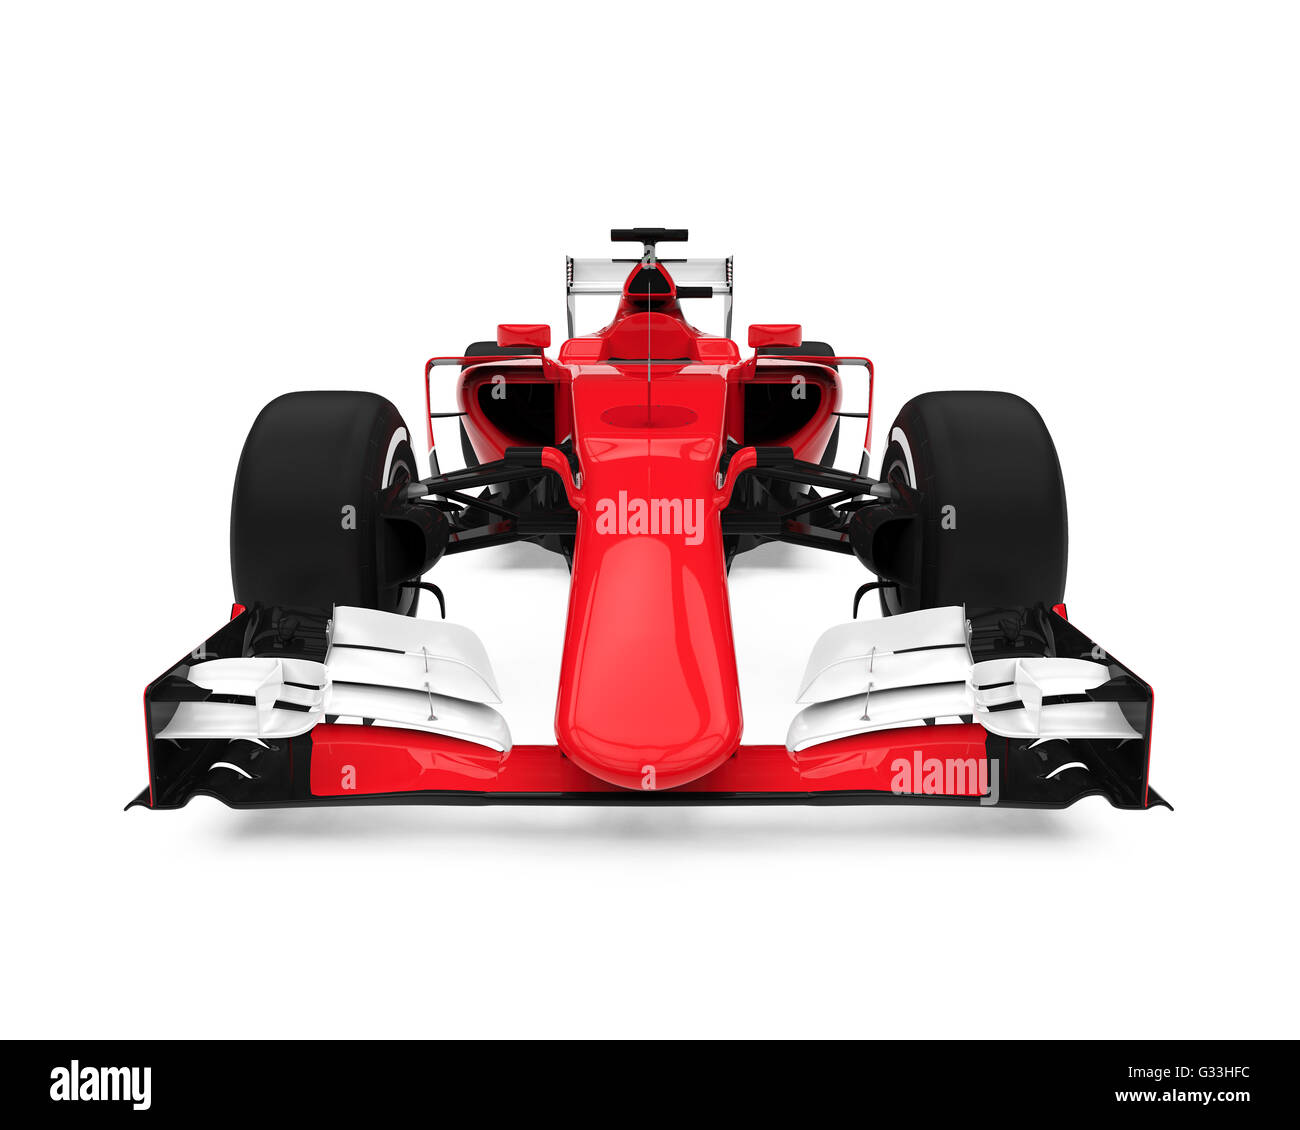 Formula One Race Car - Stock Image